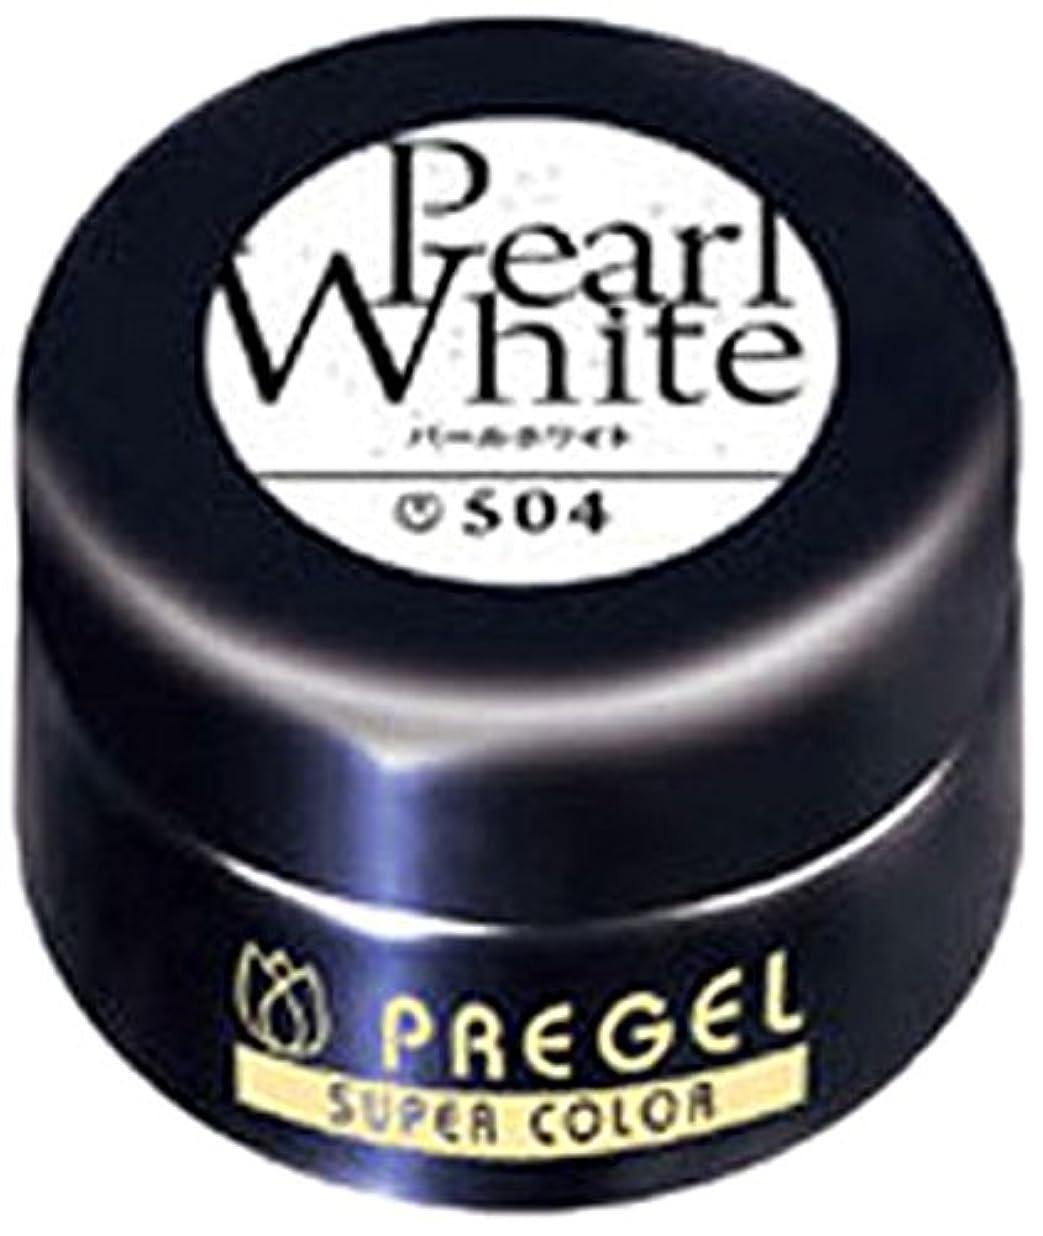 一般化するベテラン造船プリジェル スーパーカラーEX パールホワイト 4g PG-SE504 カラージェル UV/LED対応